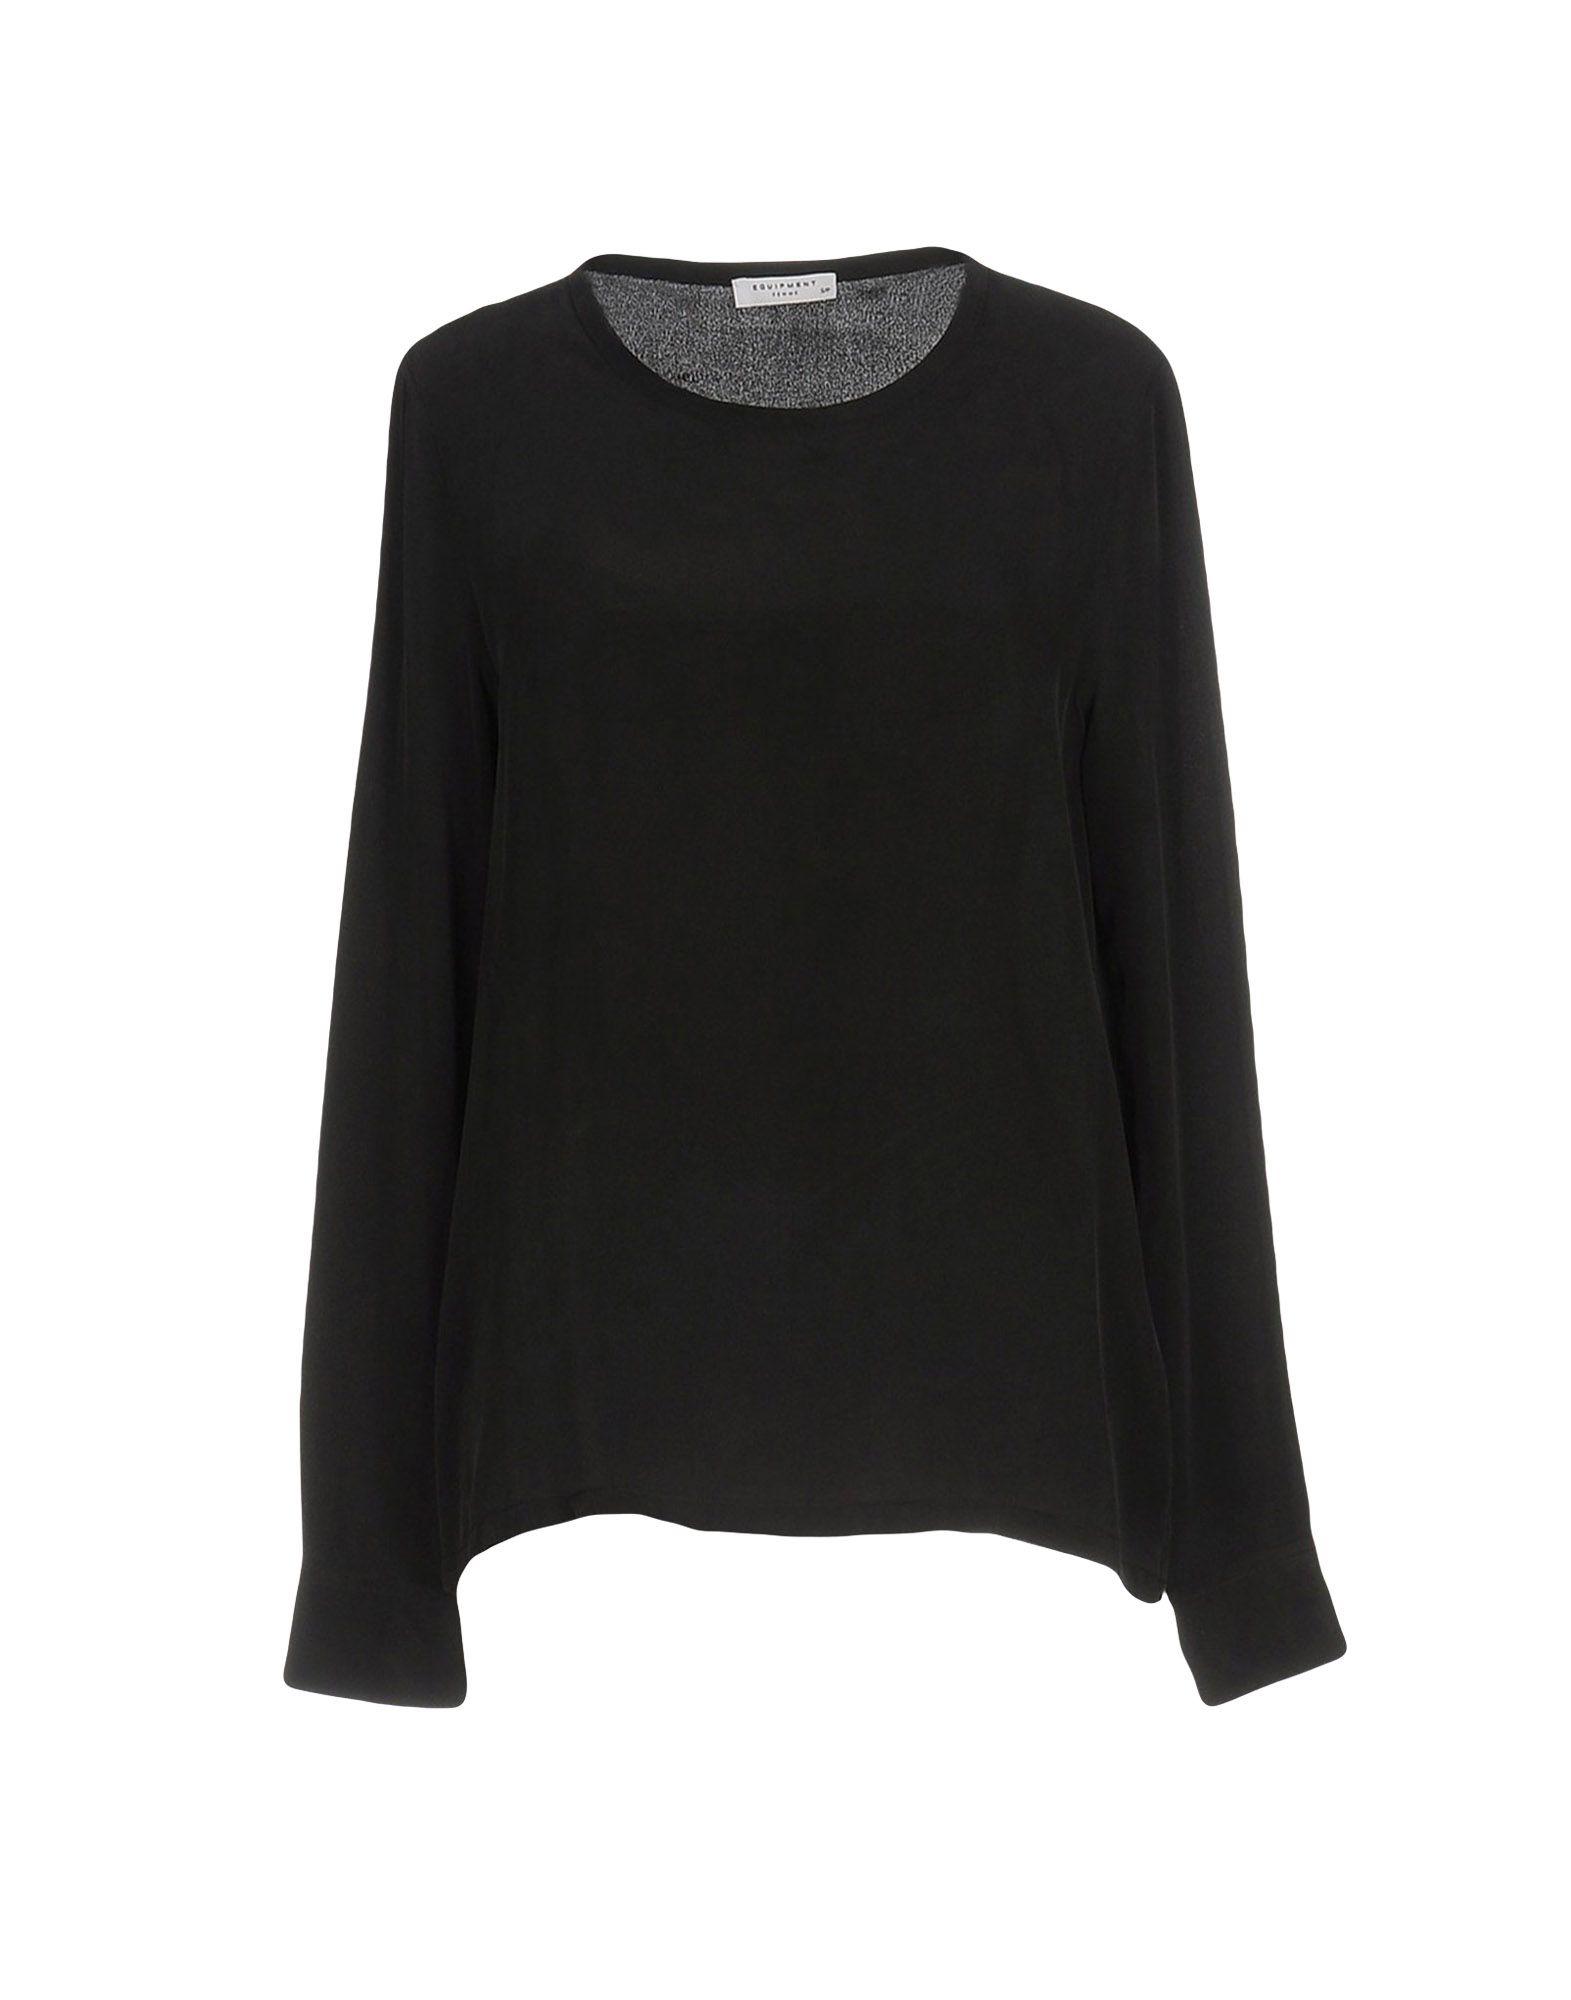 Blusa Equipment Donna - Acquista online su 6Opx0r3jA